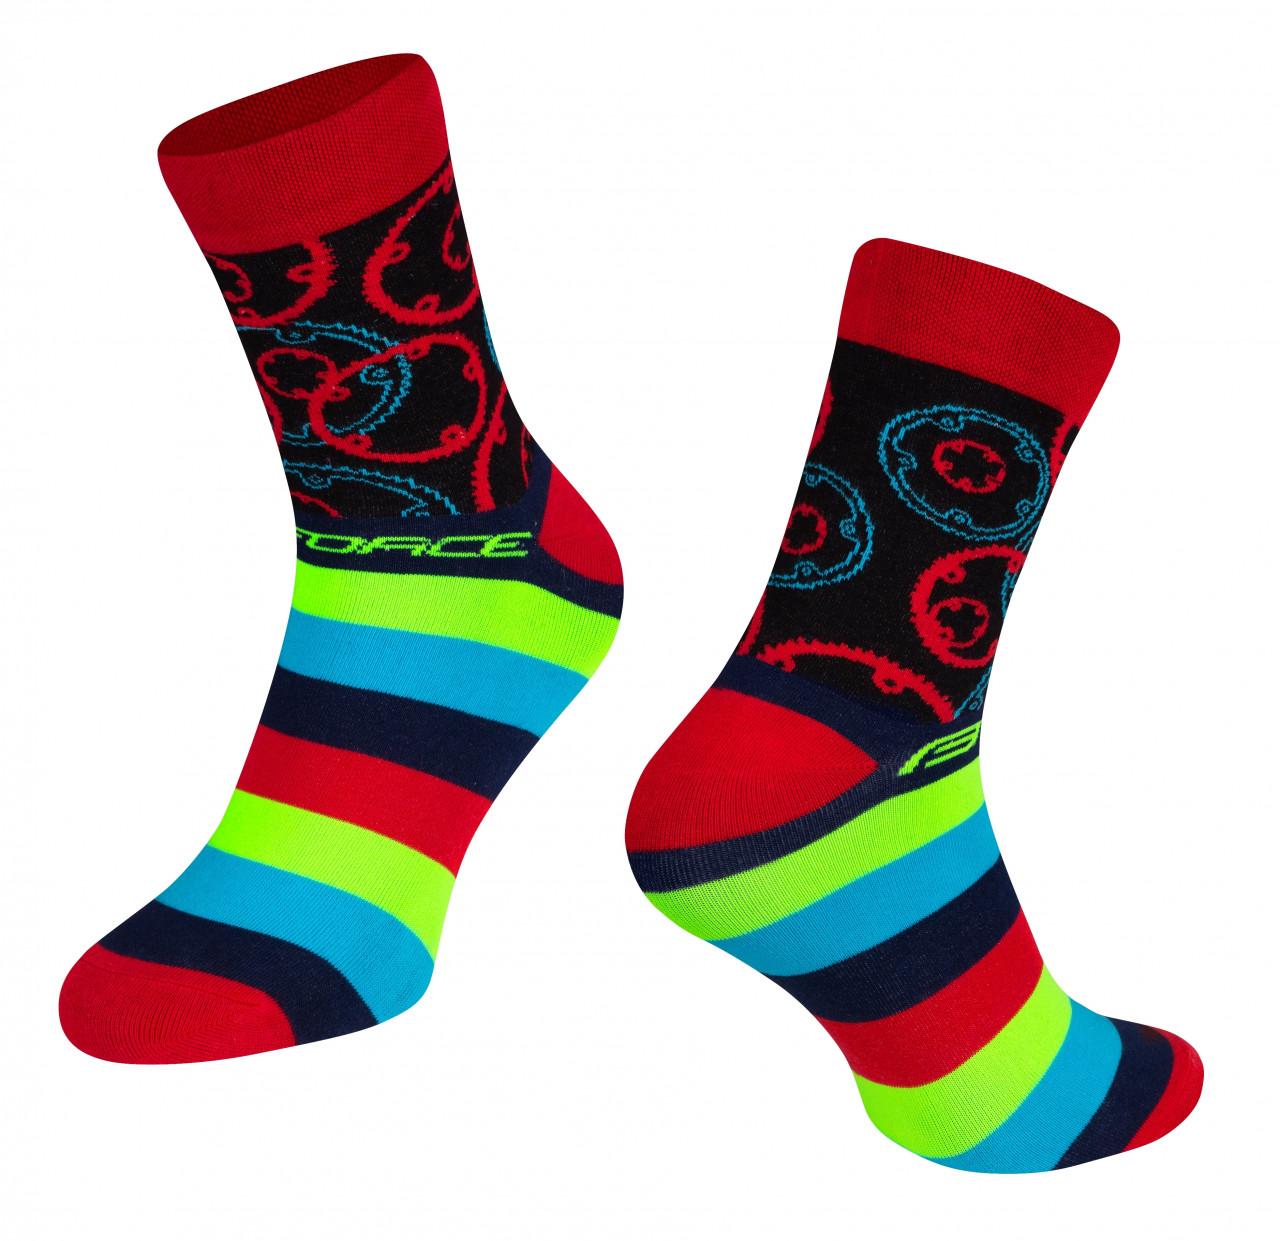 Force ponožky SPROCKET, červené L-XL/42-46